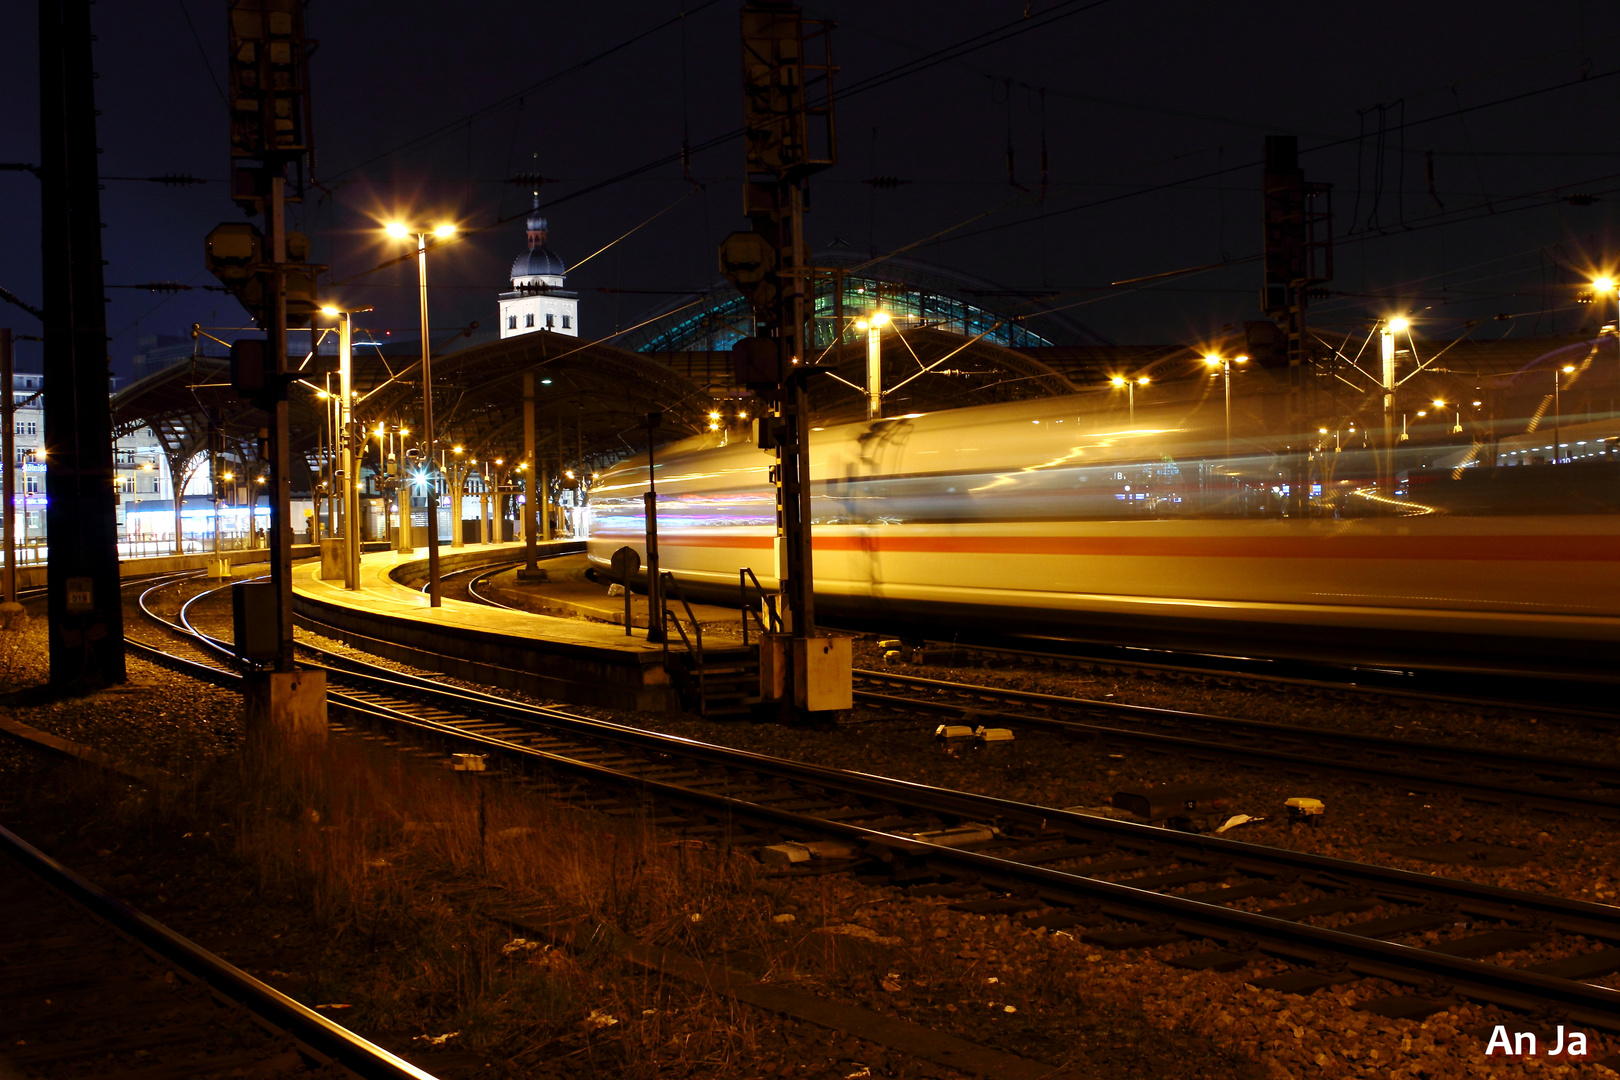 Einfahrt ICE Hauptbahnhof Köln